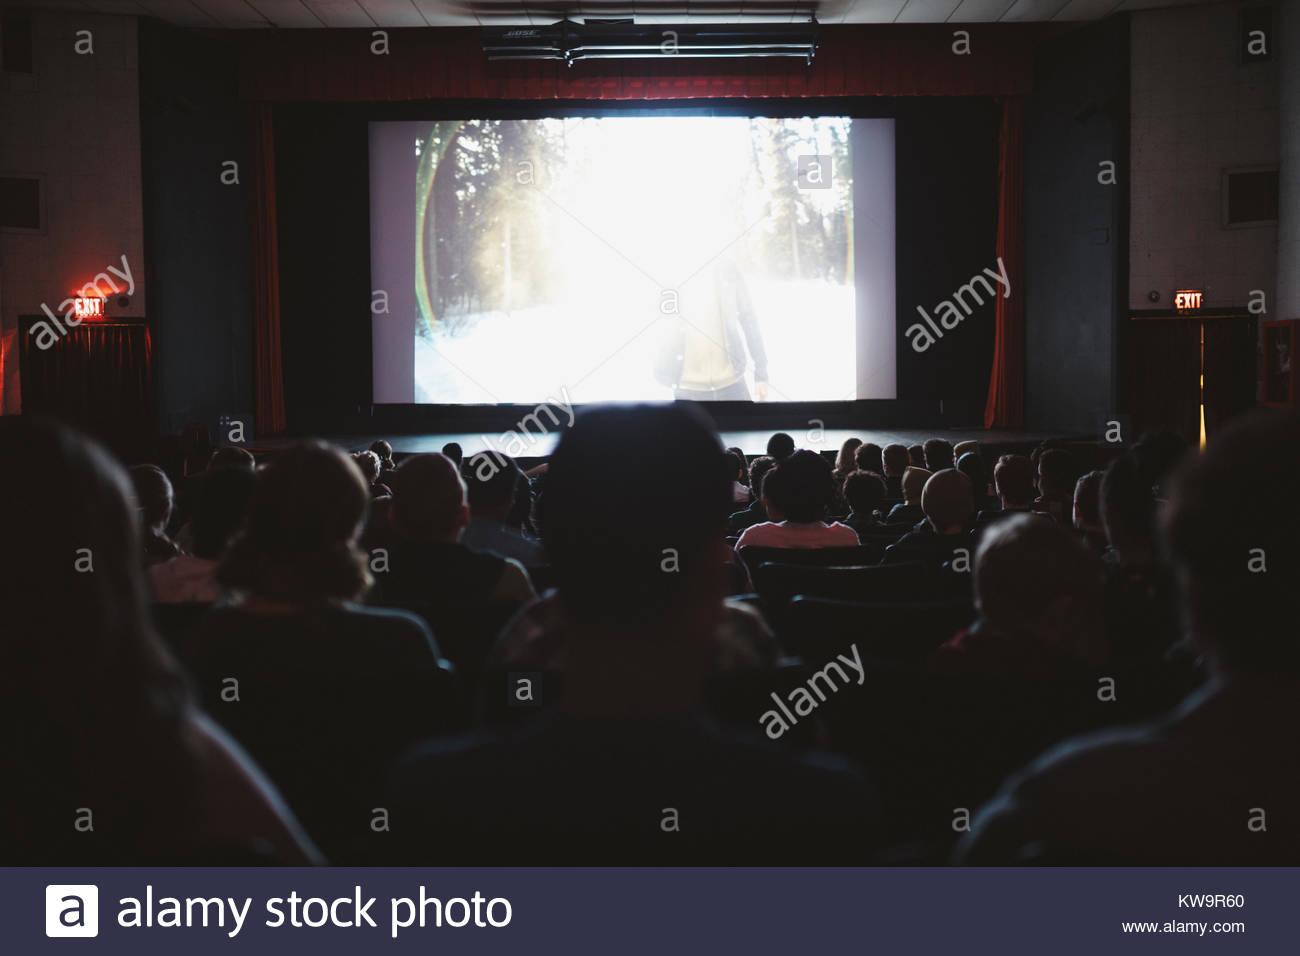 Menschen beobachten Film im dunklen Kino Stockbild